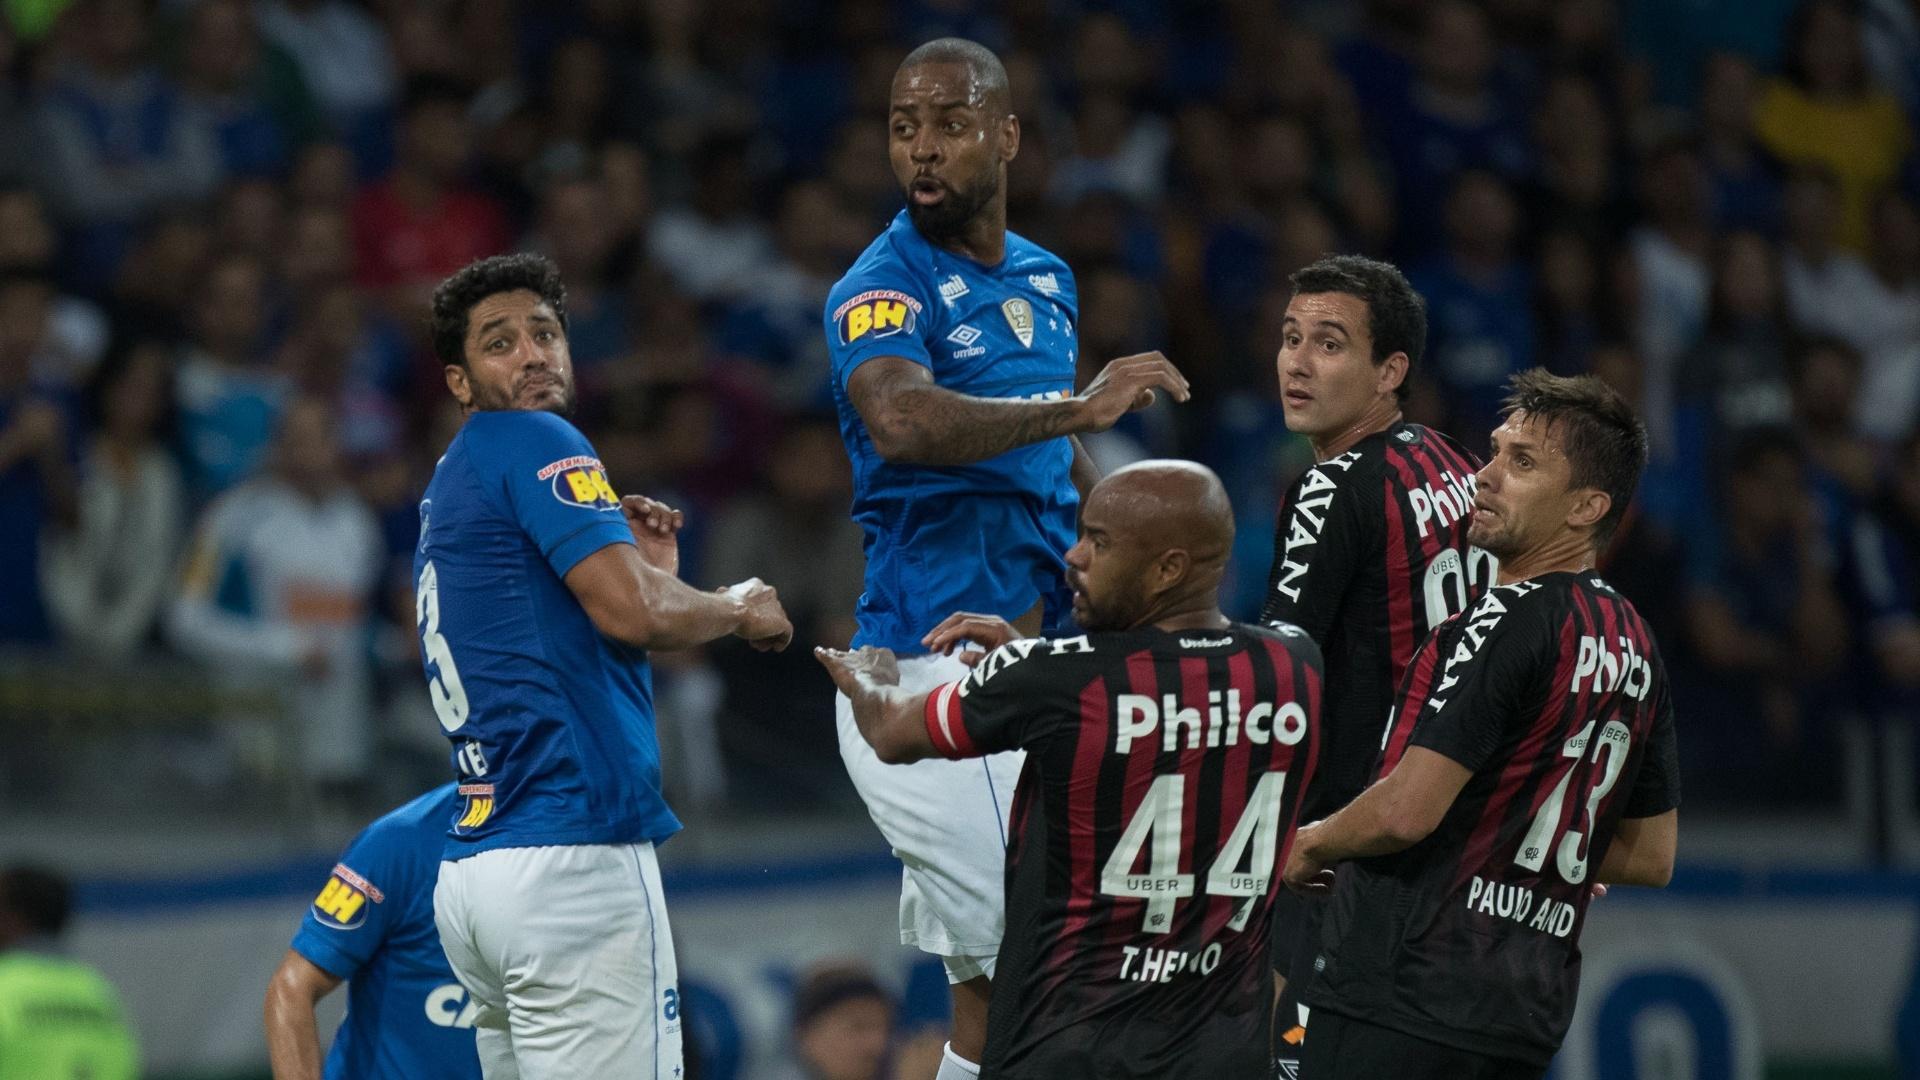 Jogadores de Cruzeiro e Atlético-PR em disputa de bola